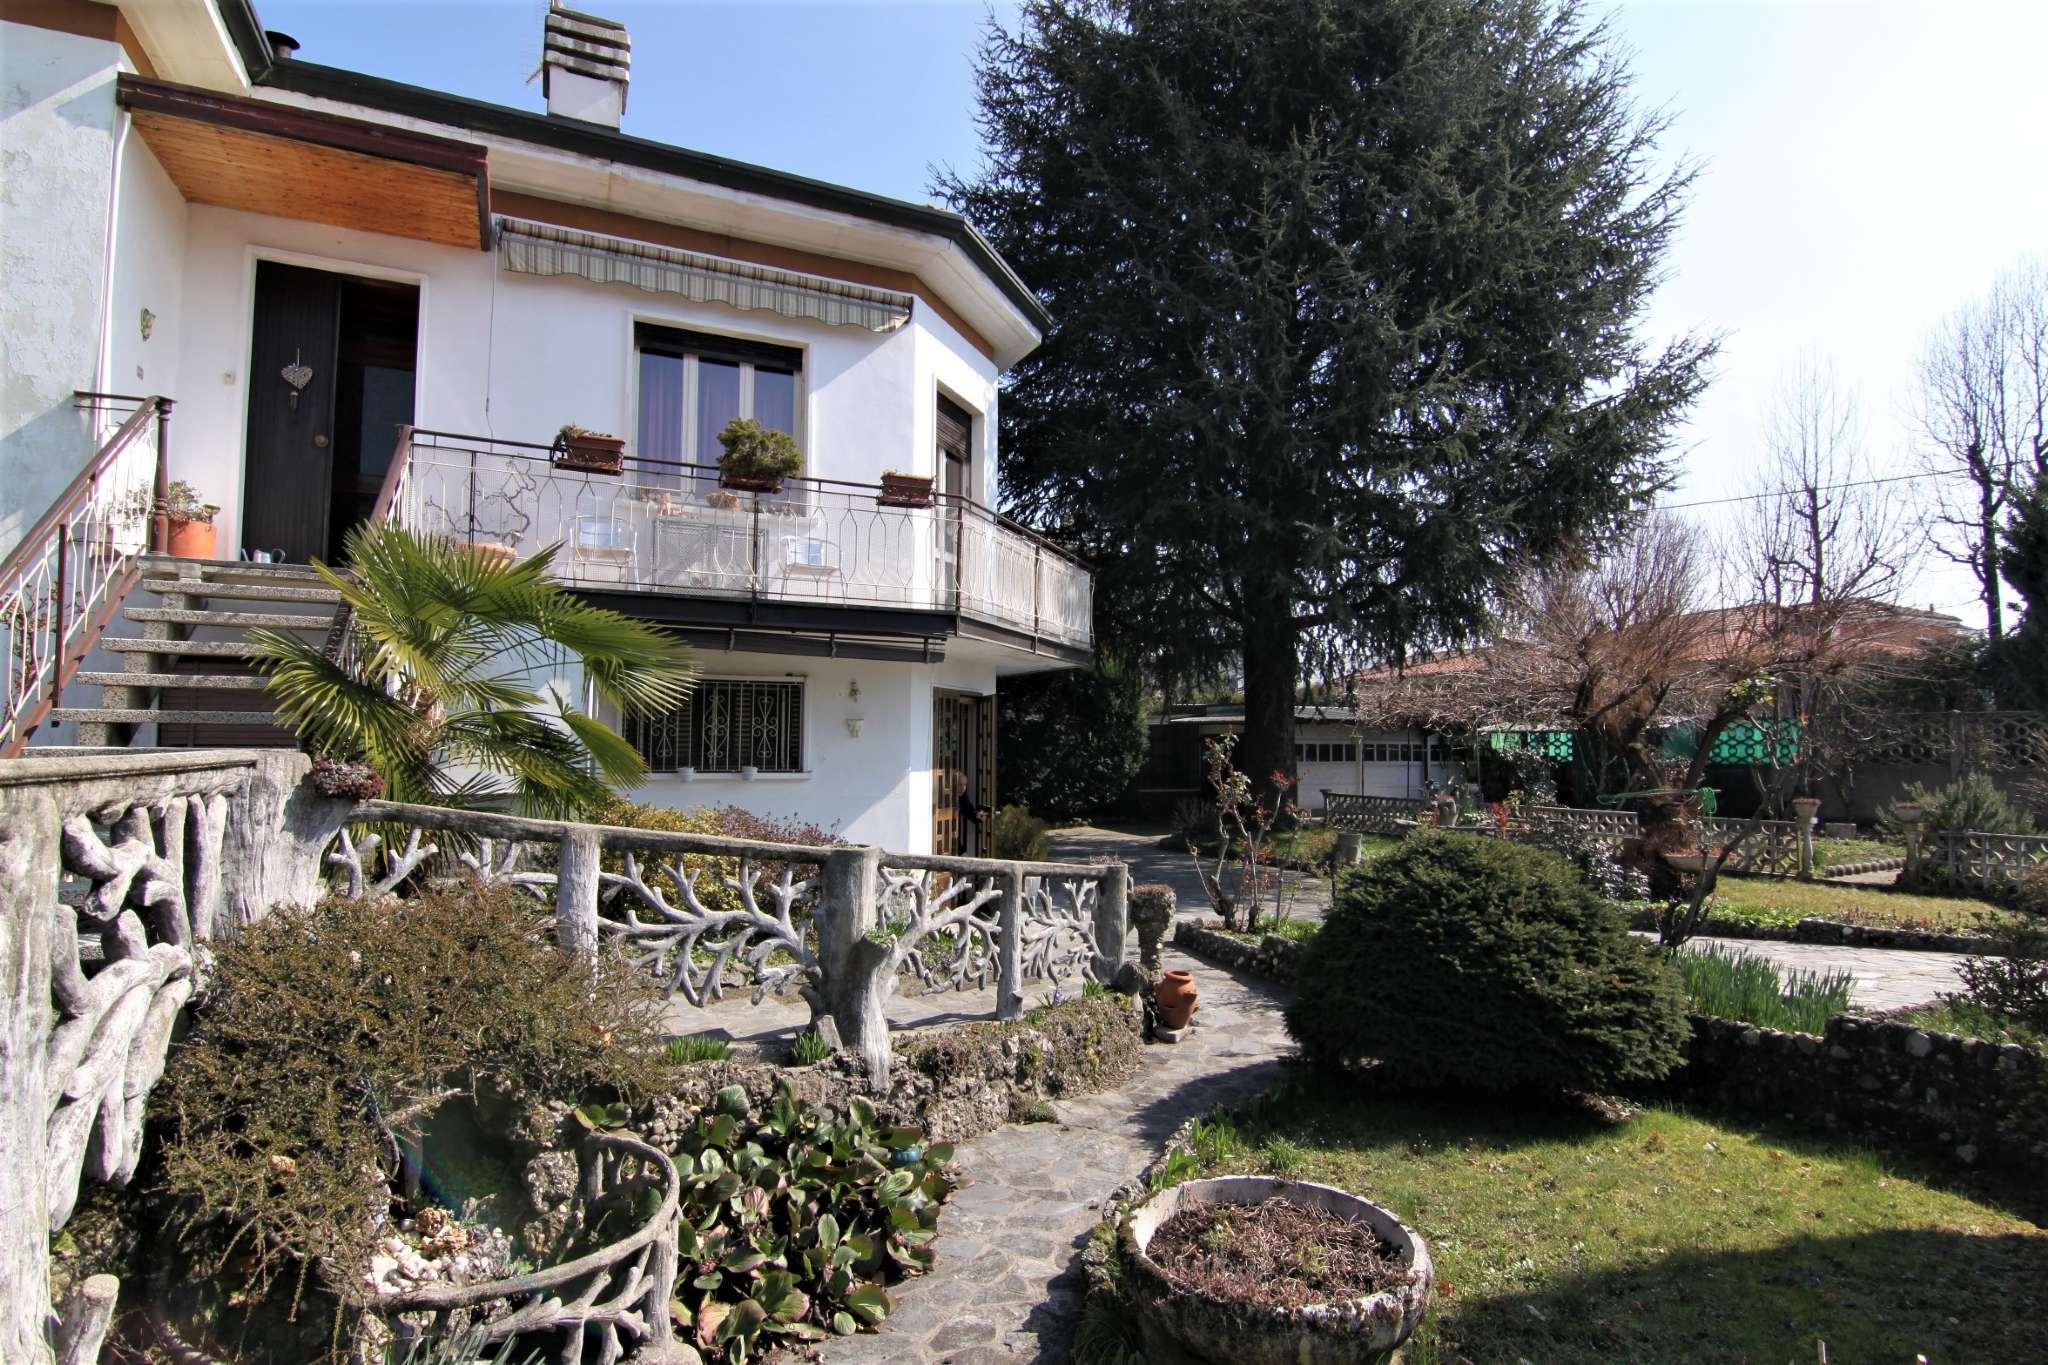 Soluzione Indipendente in vendita a Cassano Magnago, 5 locali, prezzo € 215.000   CambioCasa.it